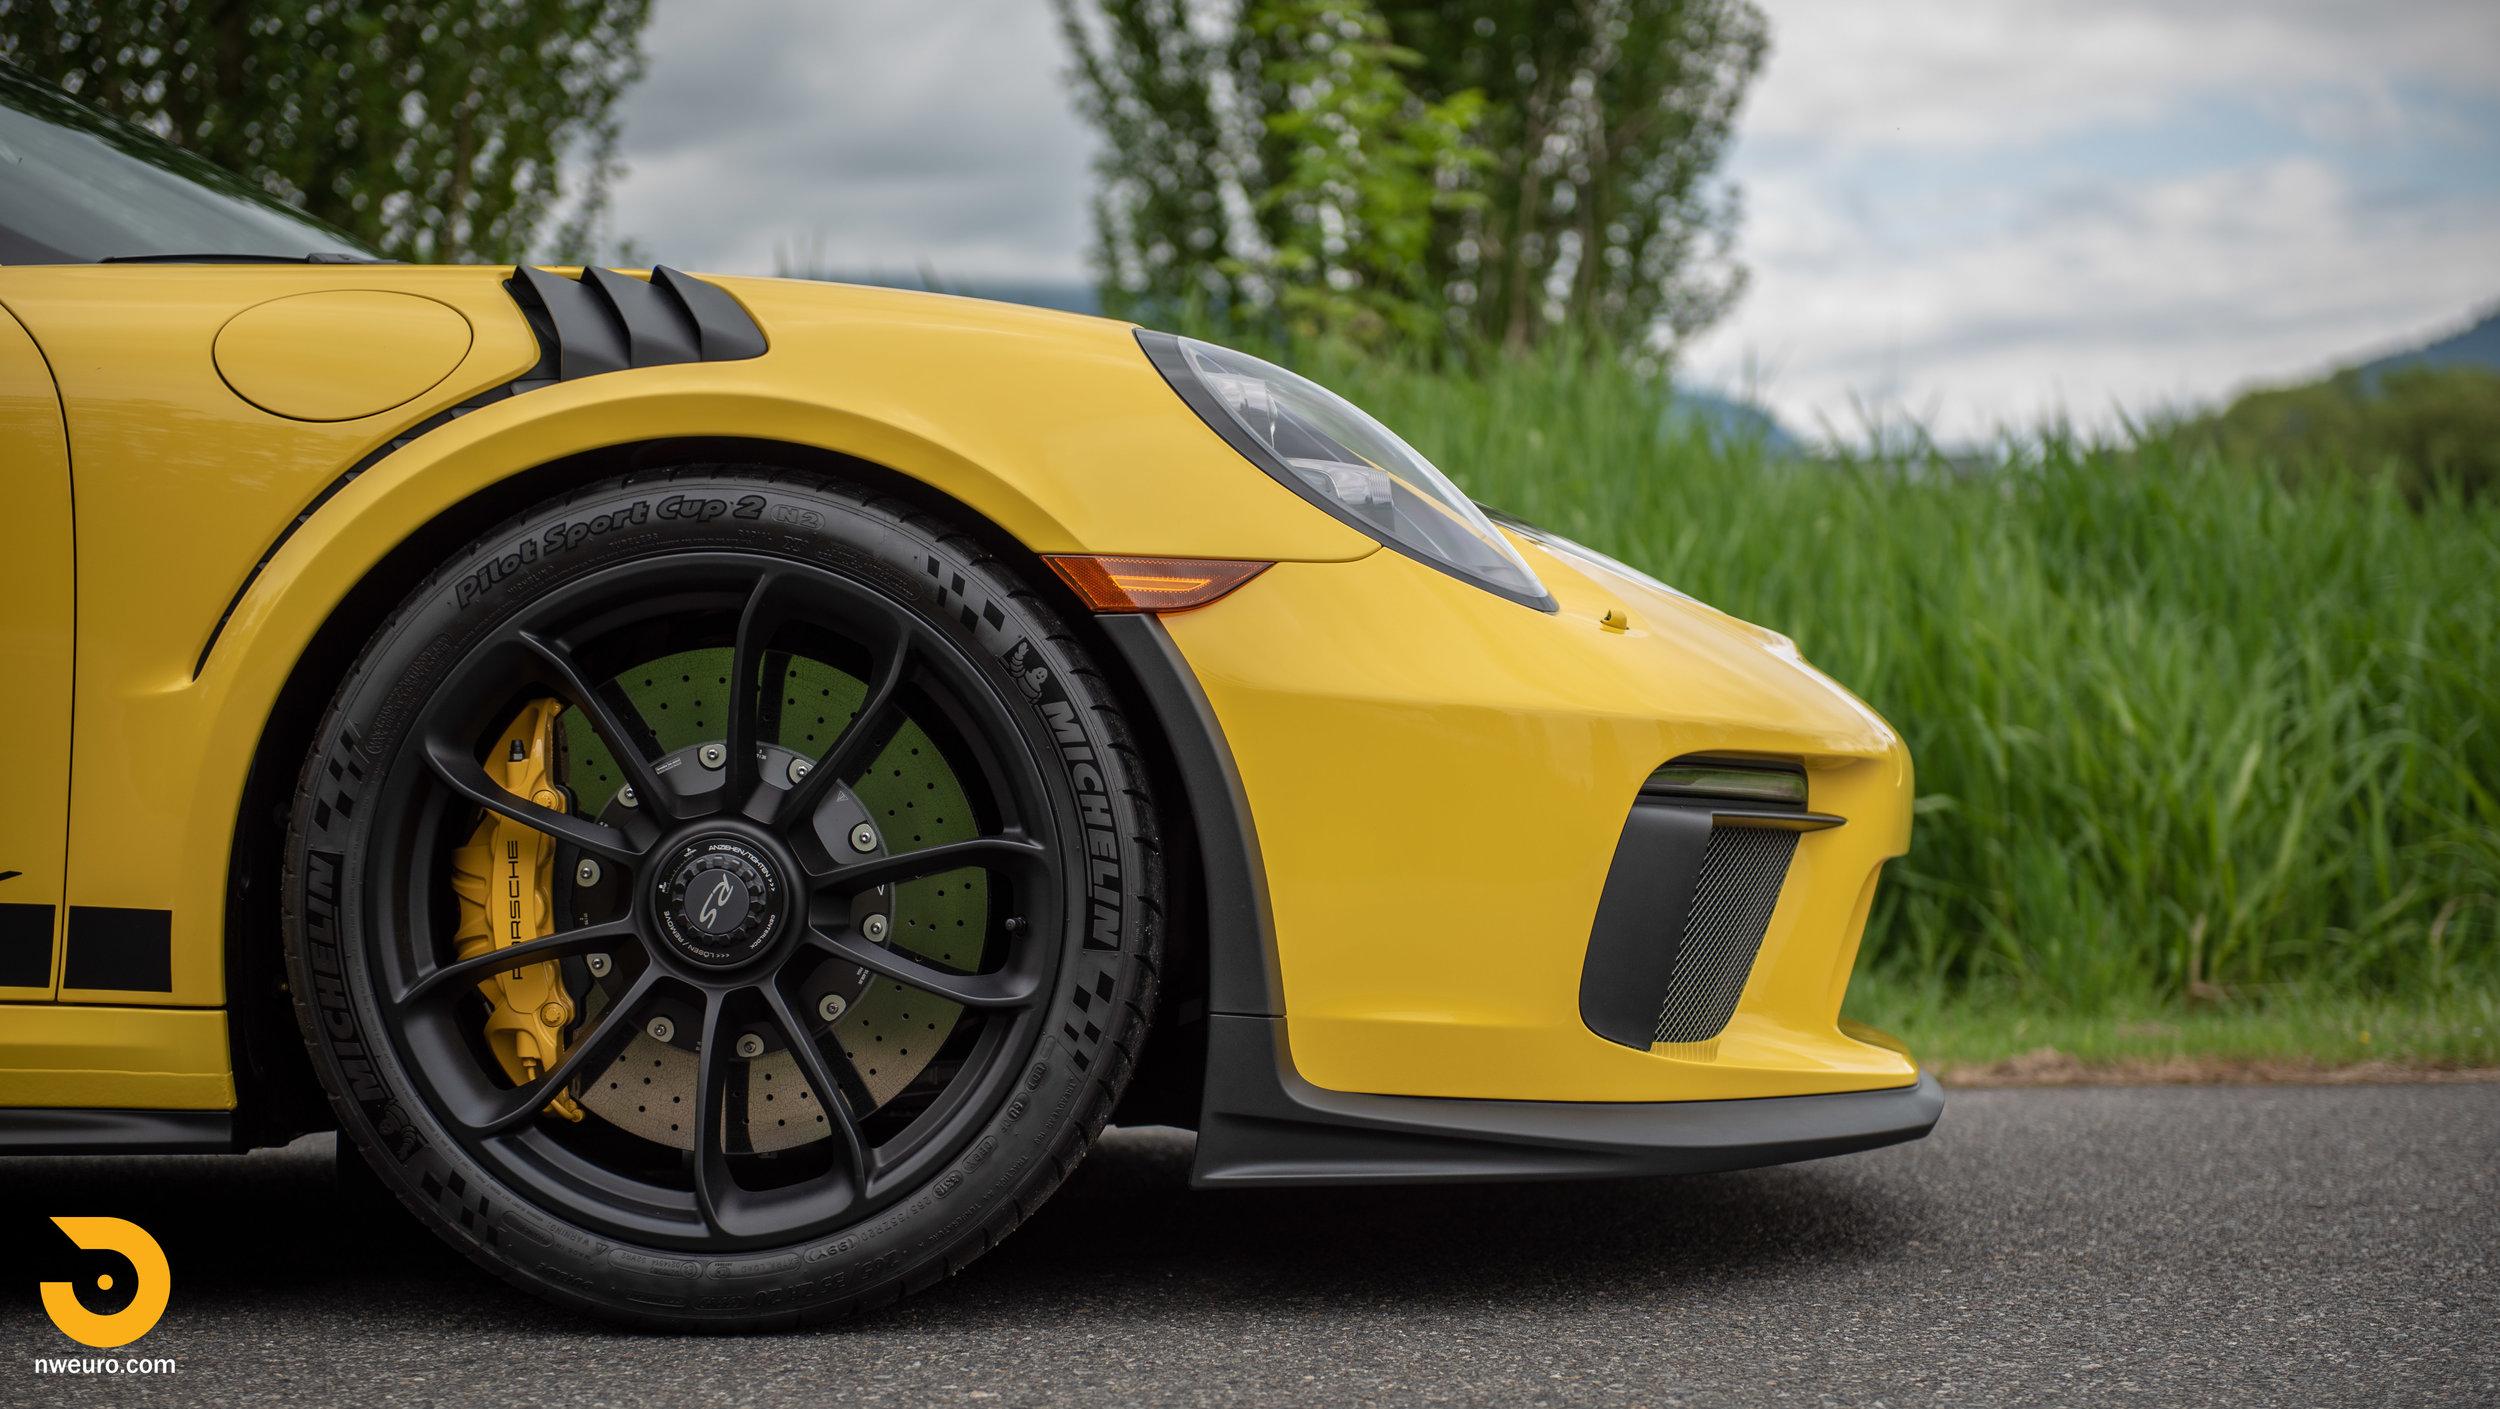 2019 Porsche GT3 RS-98.jpg